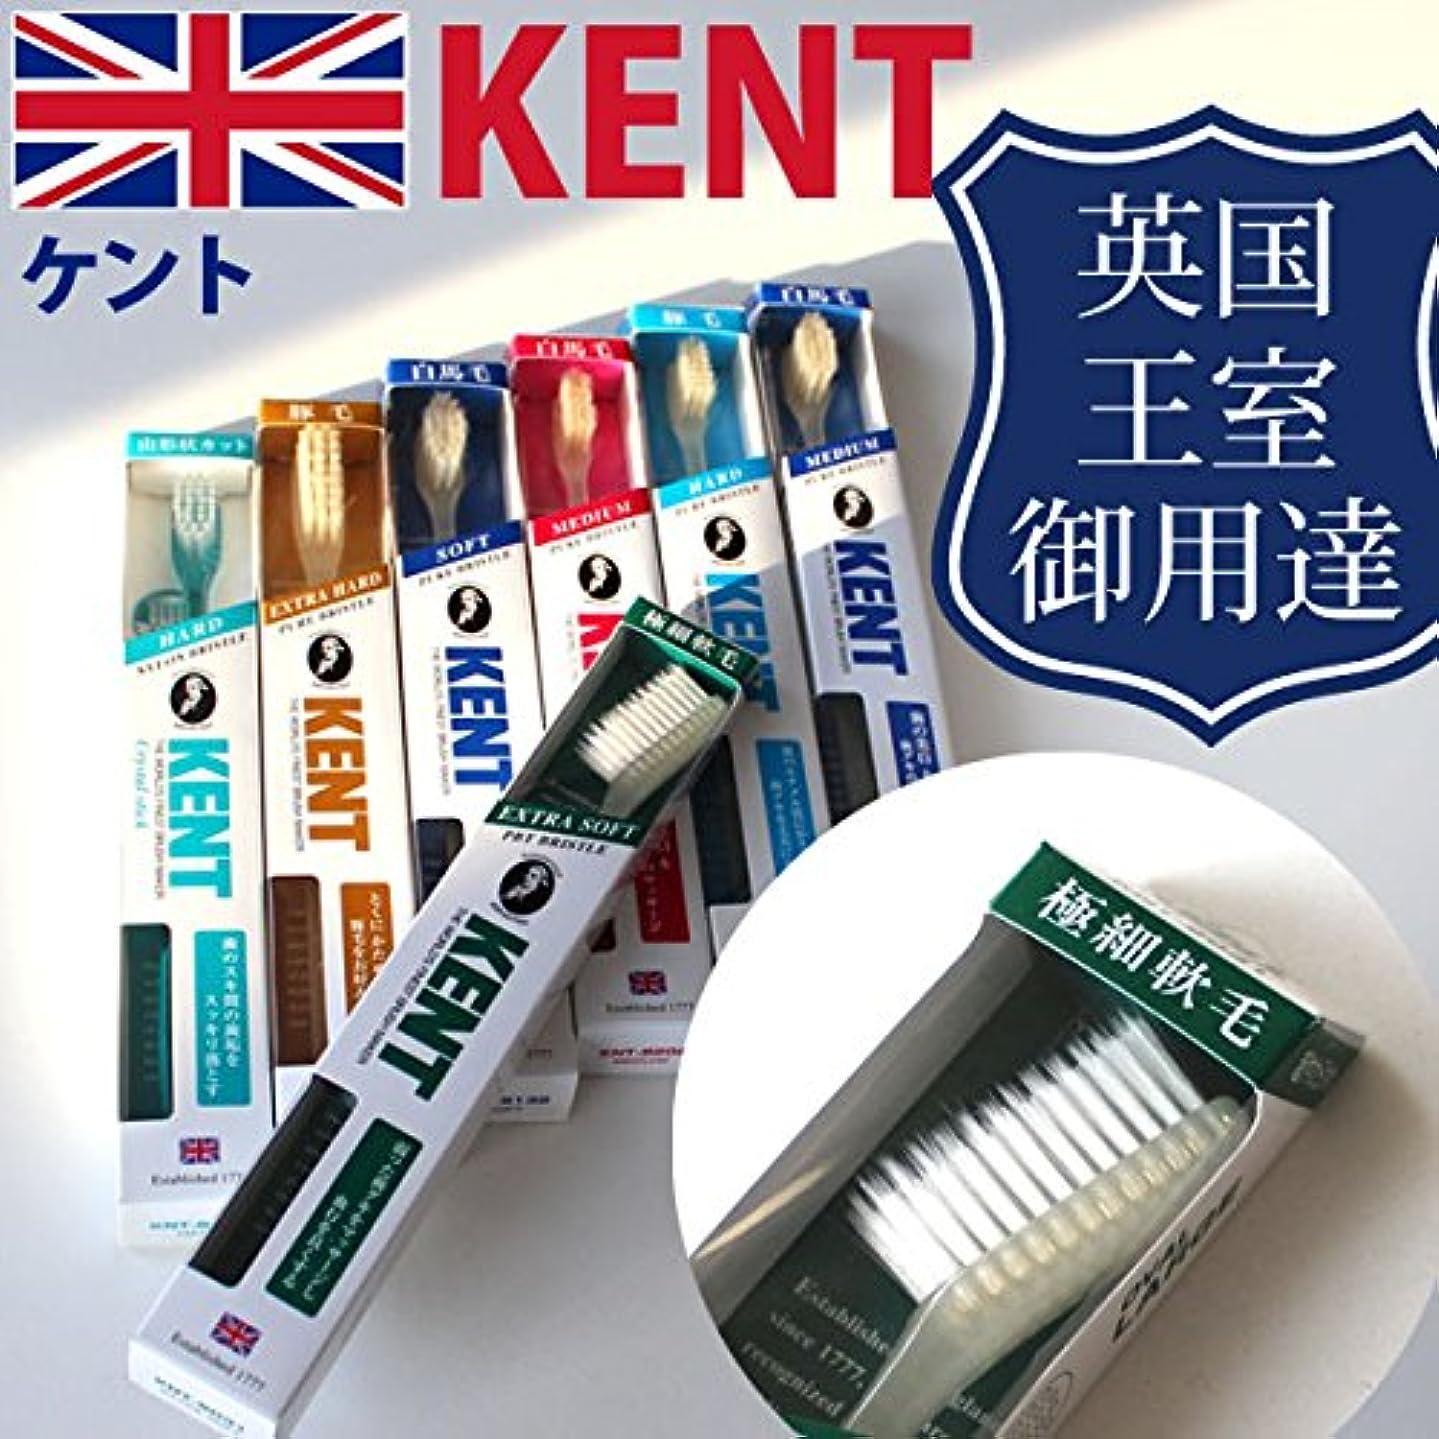 資本マーティフィールディング勤勉なケント KENT オーバルラージヘッド極細軟毛/歯ブラシKNT-9031 超やわらかめ 6本入り